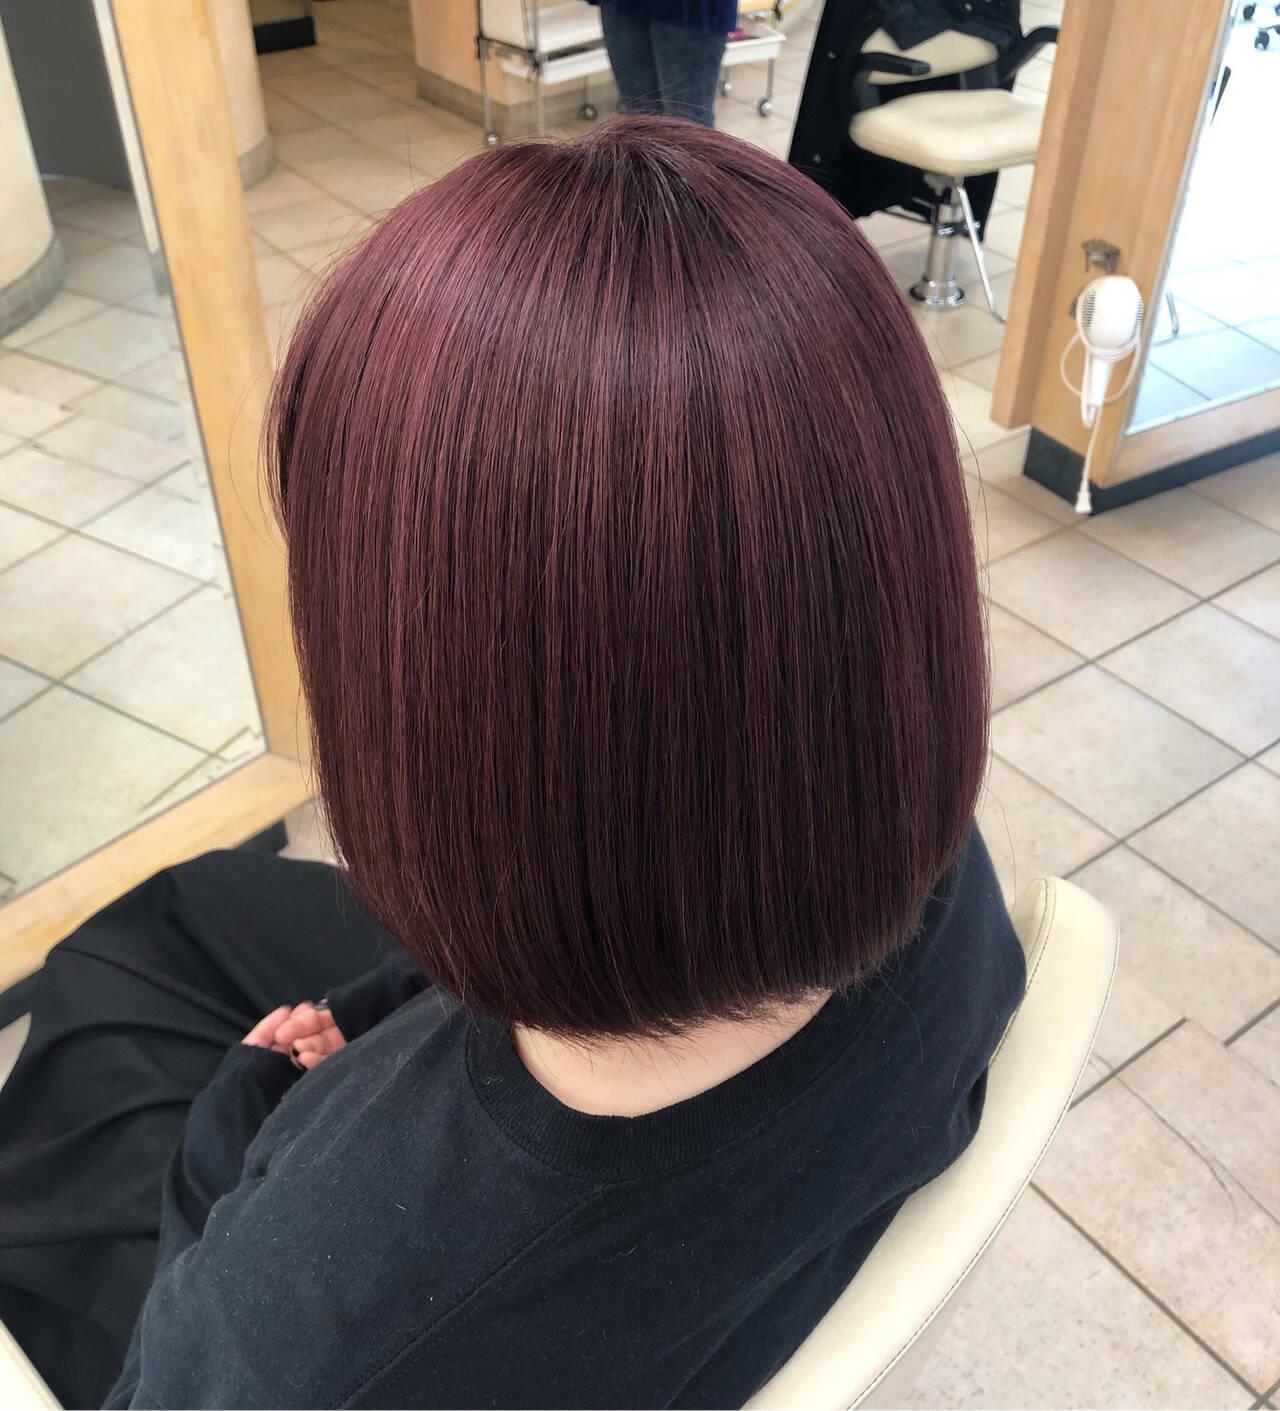 ラズベリーピンク ボブ フェミニン ピンクパープルヘアスタイルや髪型の写真・画像